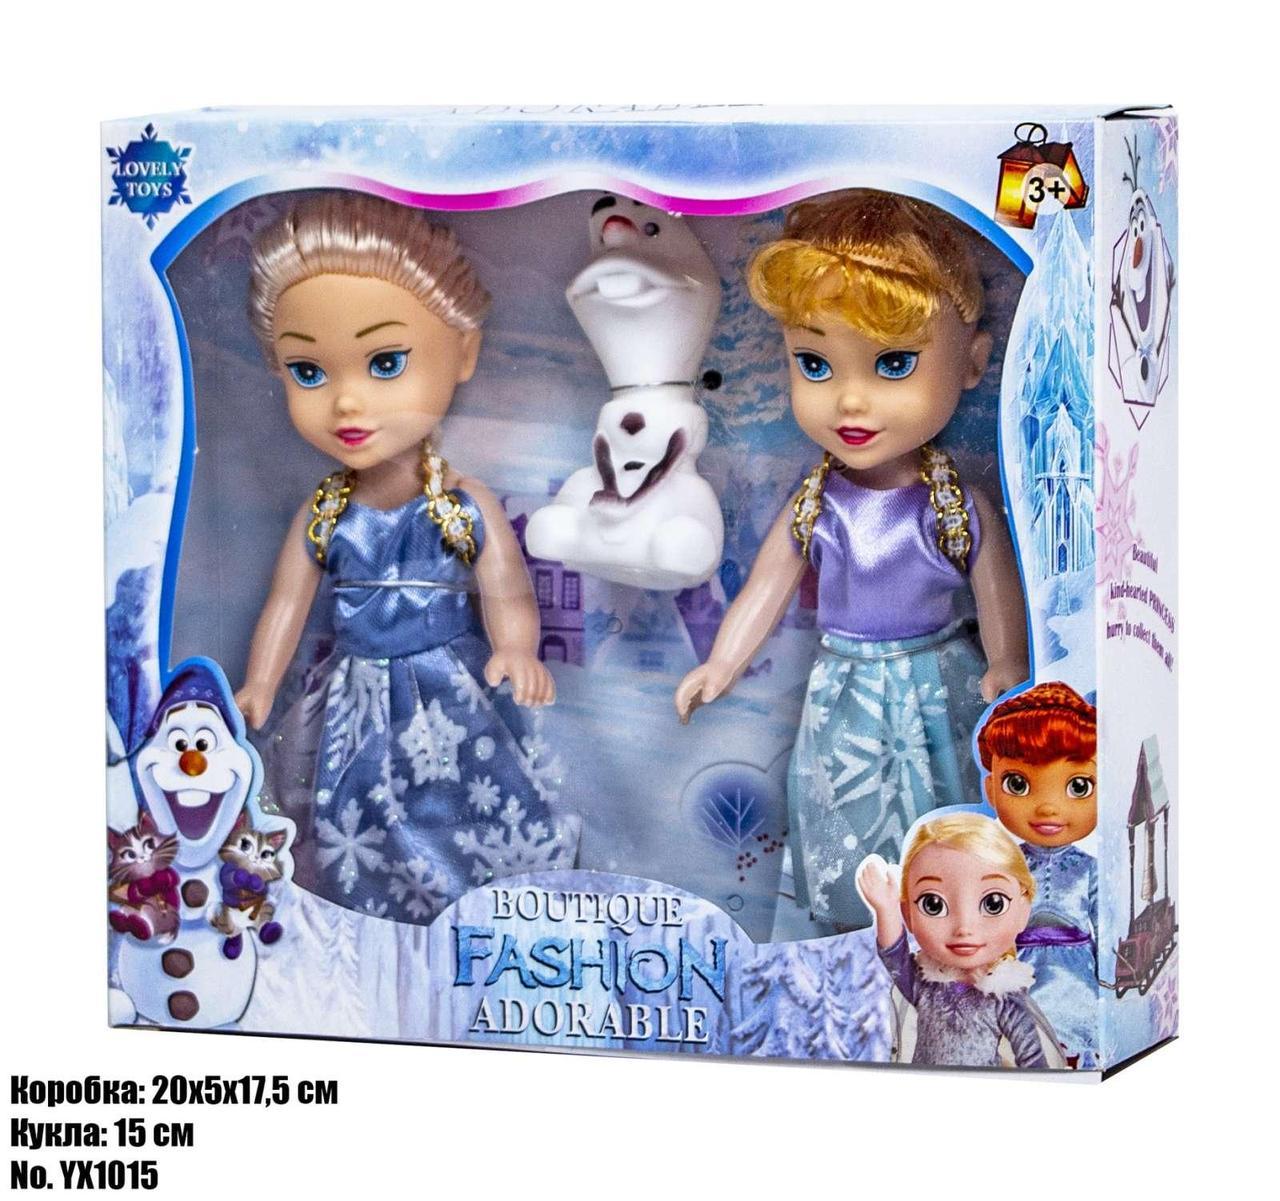 """Набор кукол """"Холодное сердце"""" - Эльза и Анна, код YX1015"""